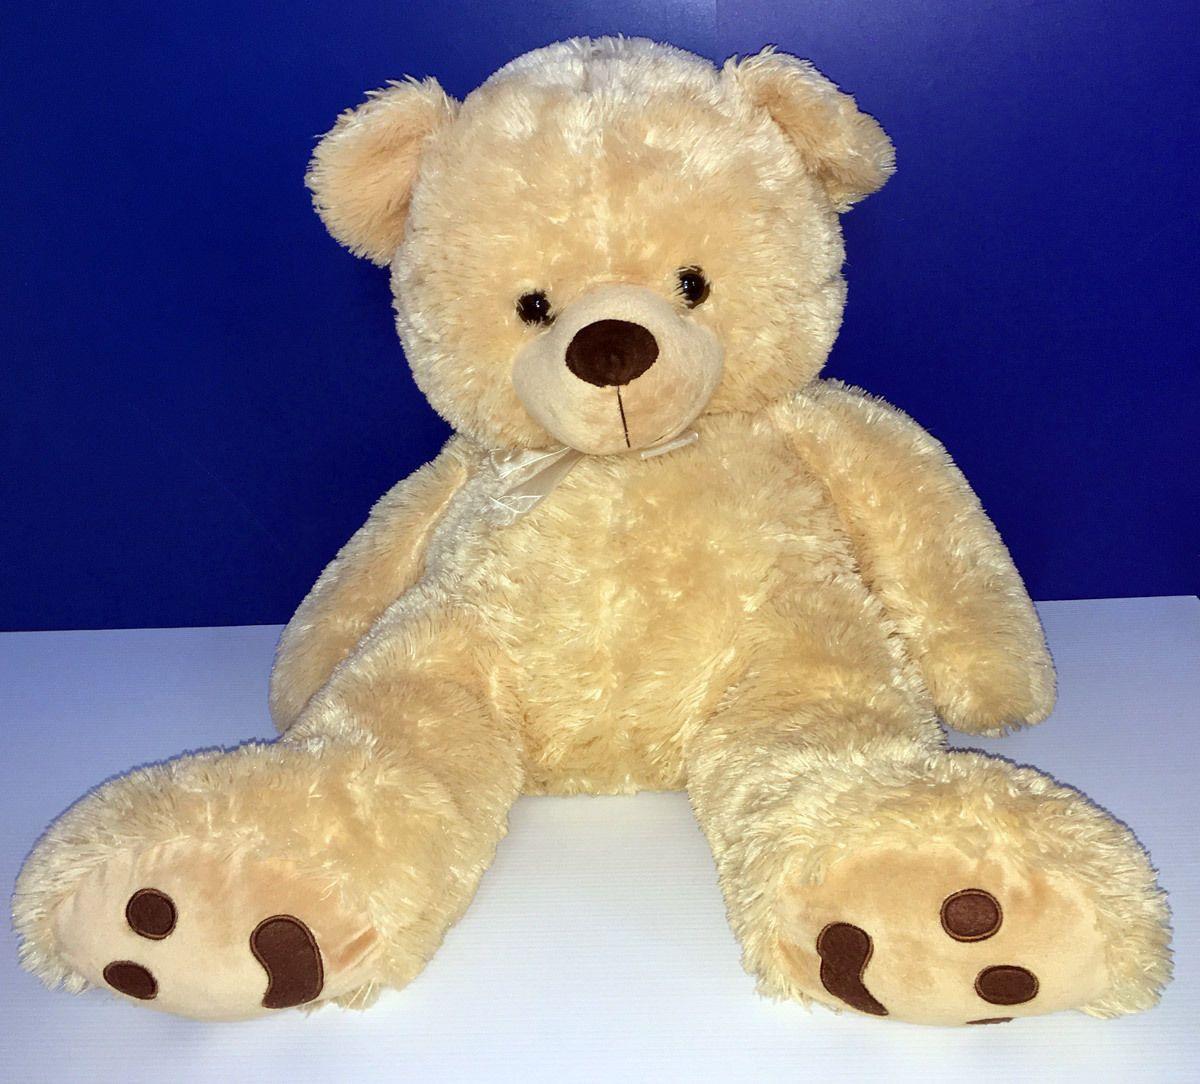 Teddybears Teddy Bears Best Made Toys Large Plush Stuffed Teddy Bear Canada Approx 33 Tall Teddybears Teddy Bears Teddy Teddy Bear Bear [ 1084 x 1200 Pixel ]